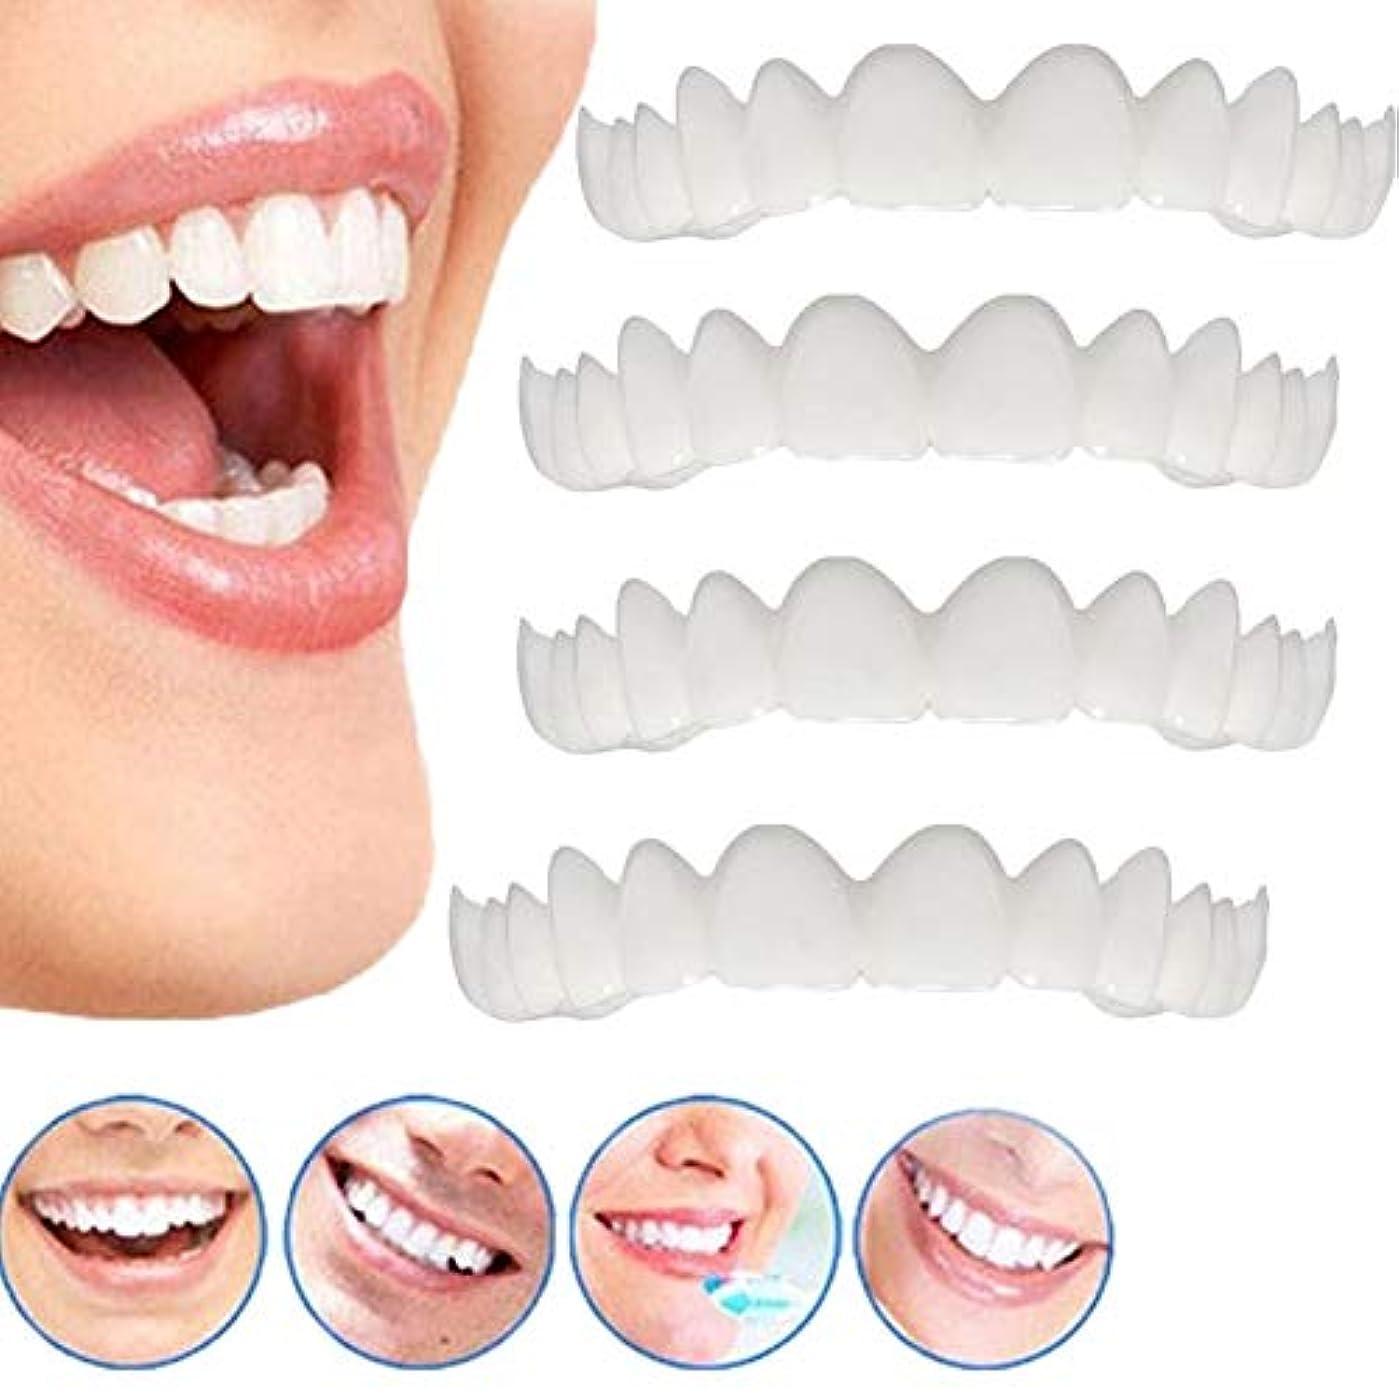 全部砂利間違っている4ピースインスタントパーフェクトコンフォートフィットフレックス化粧品歯入れ歯歯トップ化粧突き板,4lowerteeth